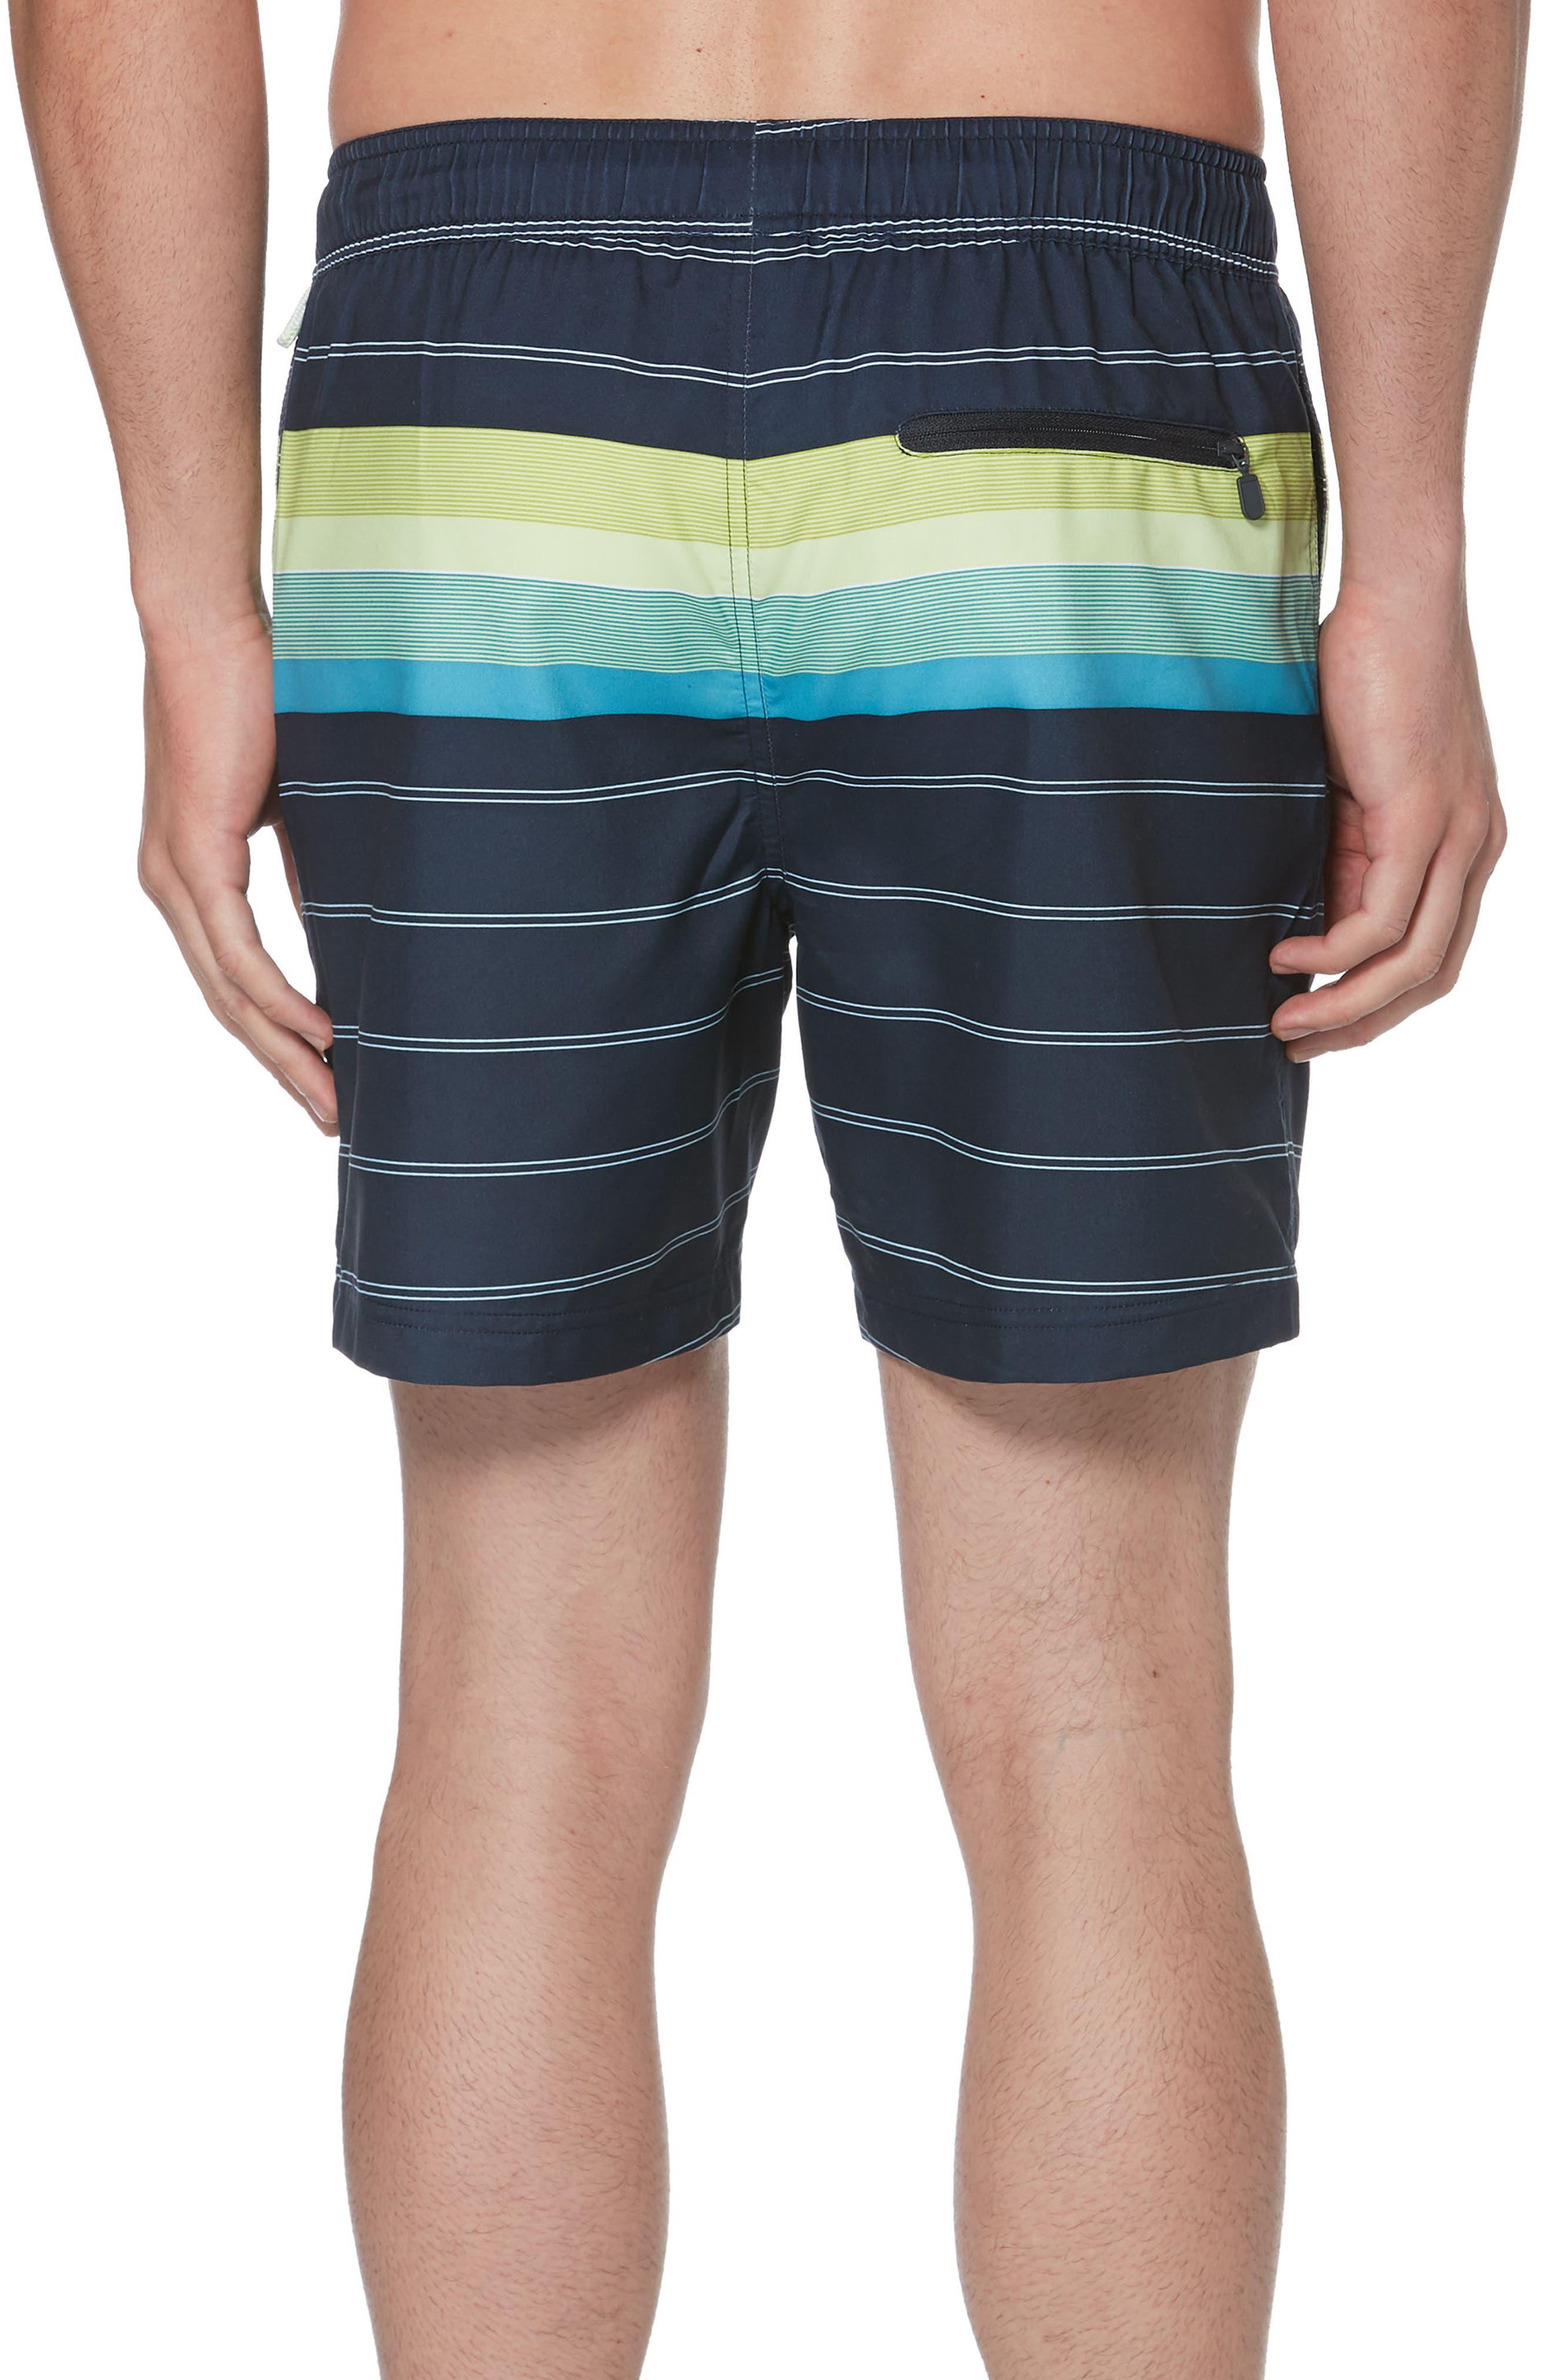 Engineered Stripe Swim Trunks,                             Alternate thumbnail 2, color,                             413